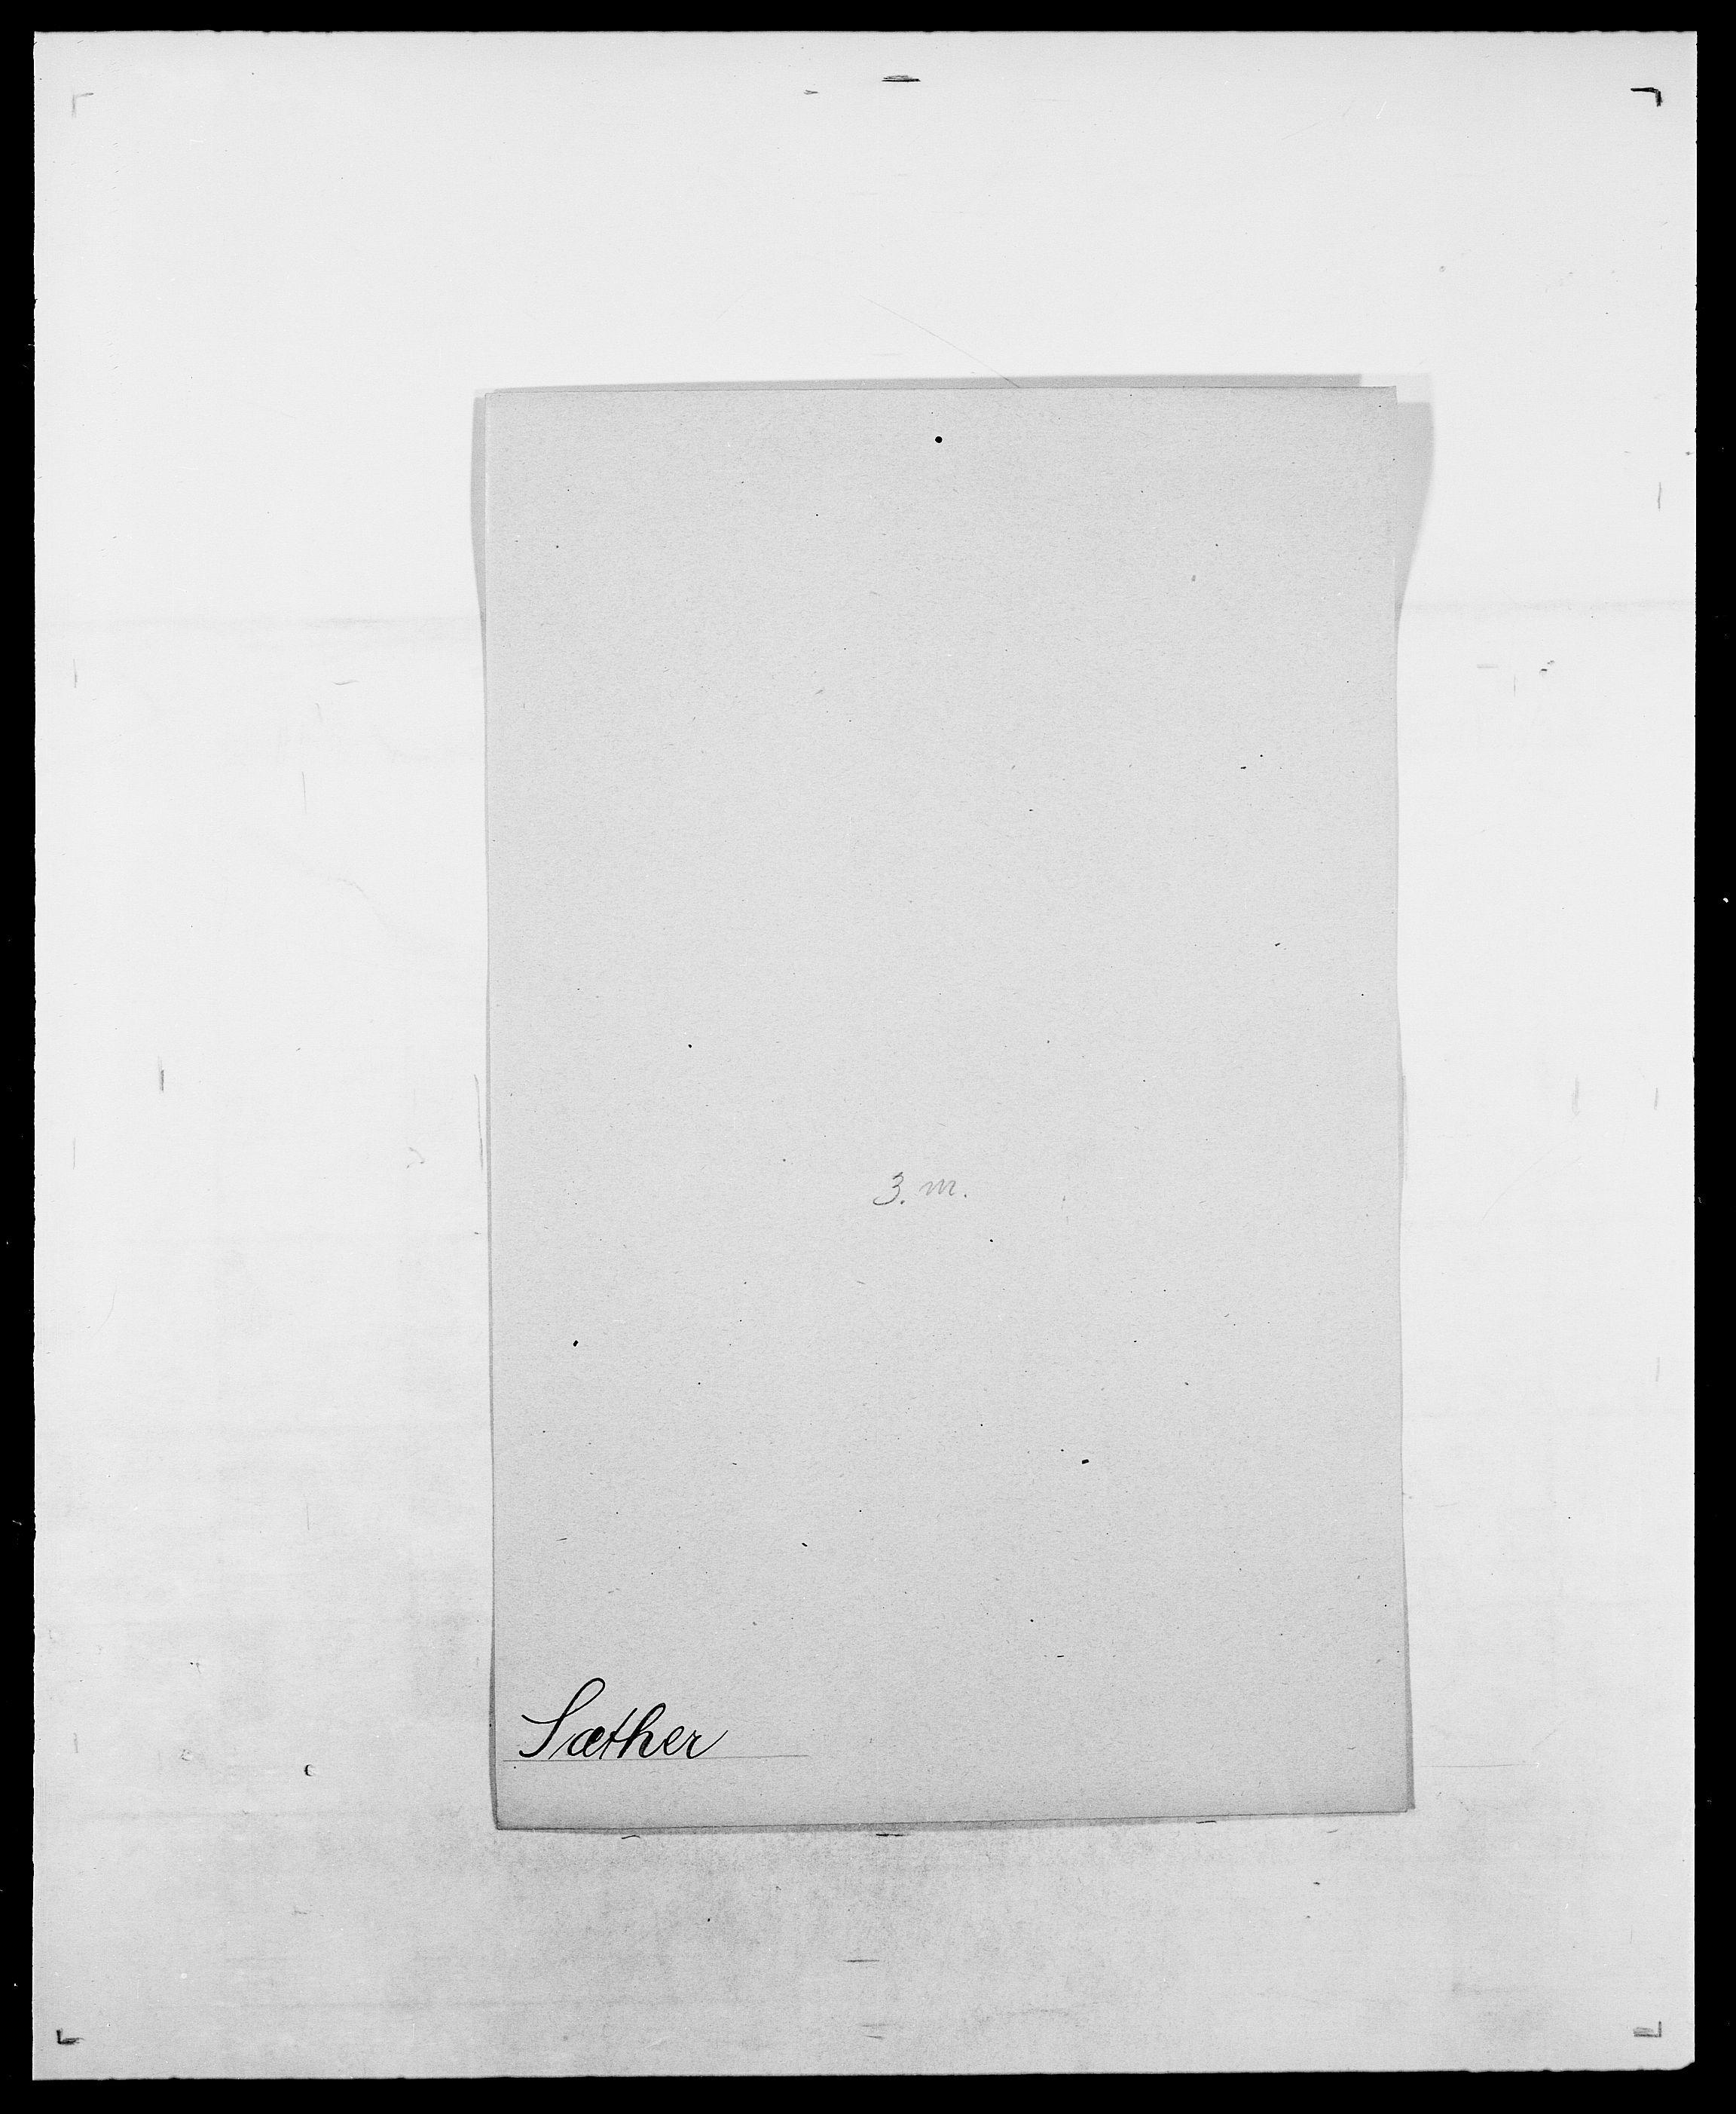 SAO, Delgobe, Charles Antoine - samling, D/Da/L0038: Svanenskjold - Thornsohn, s. 132